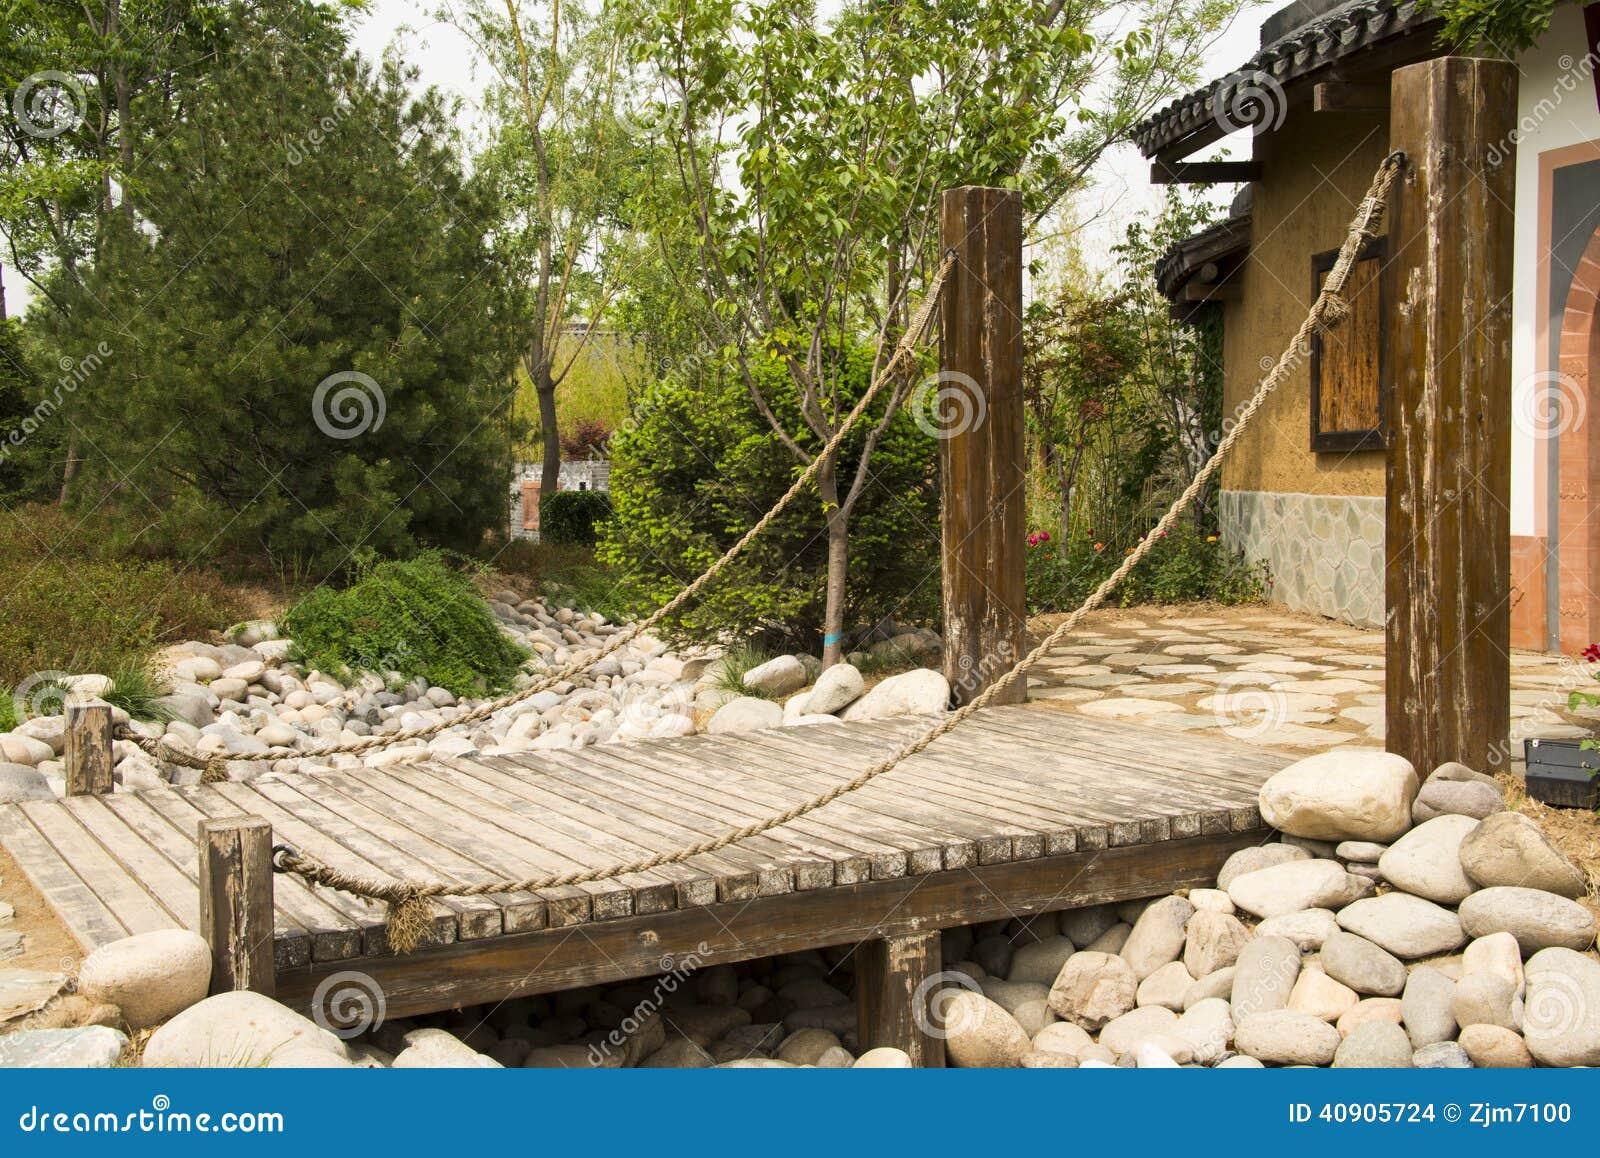 Expo asiatica del giardino di pechino di cinese ponte di for Giardino cinese